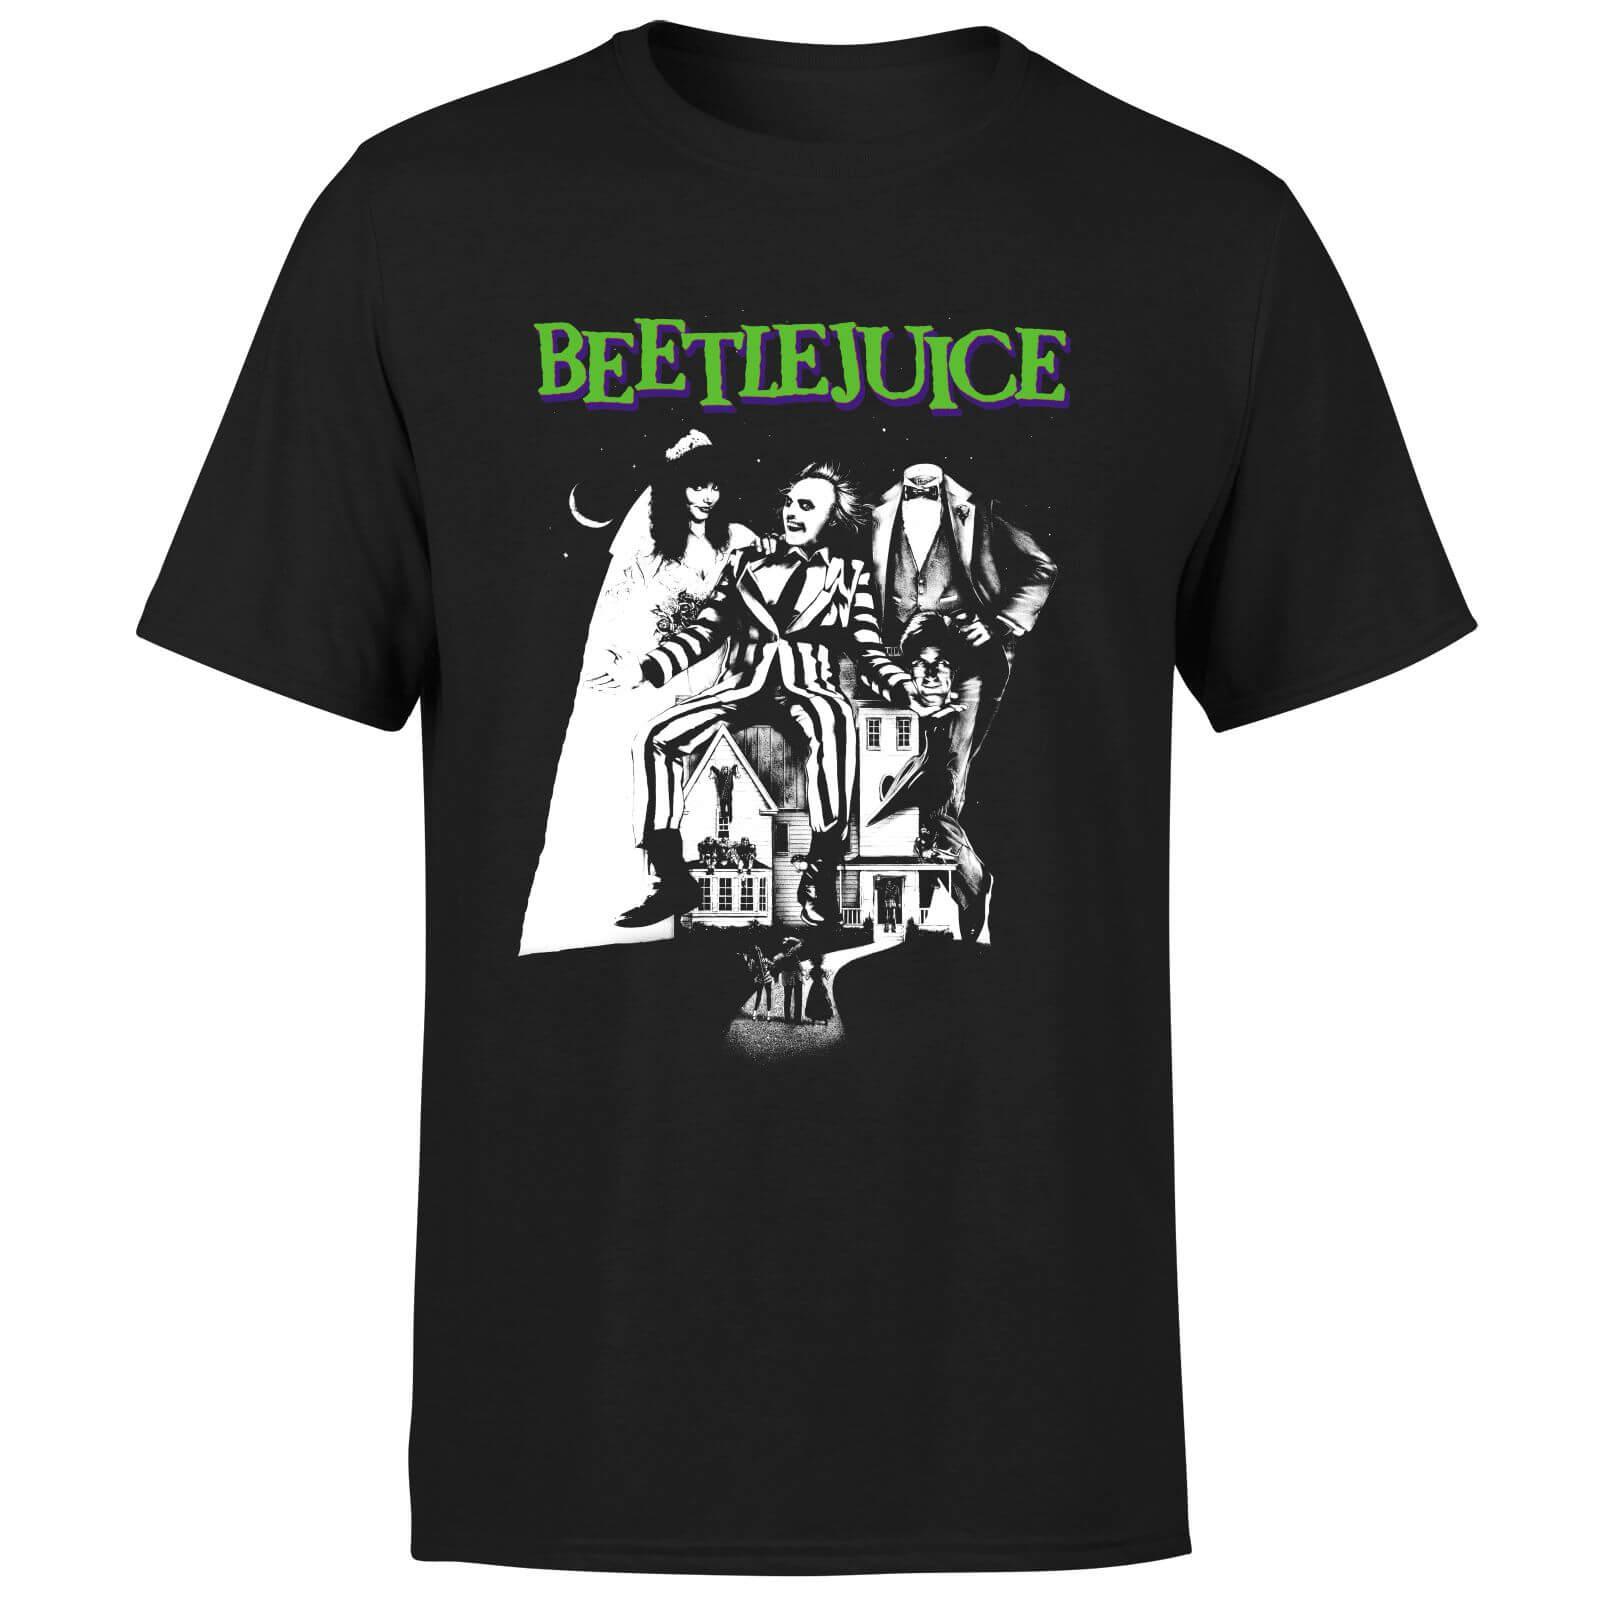 Beetlejuice T-Shirt Homme Affiche Mono Beetlejuice - Noir - XS - Noir